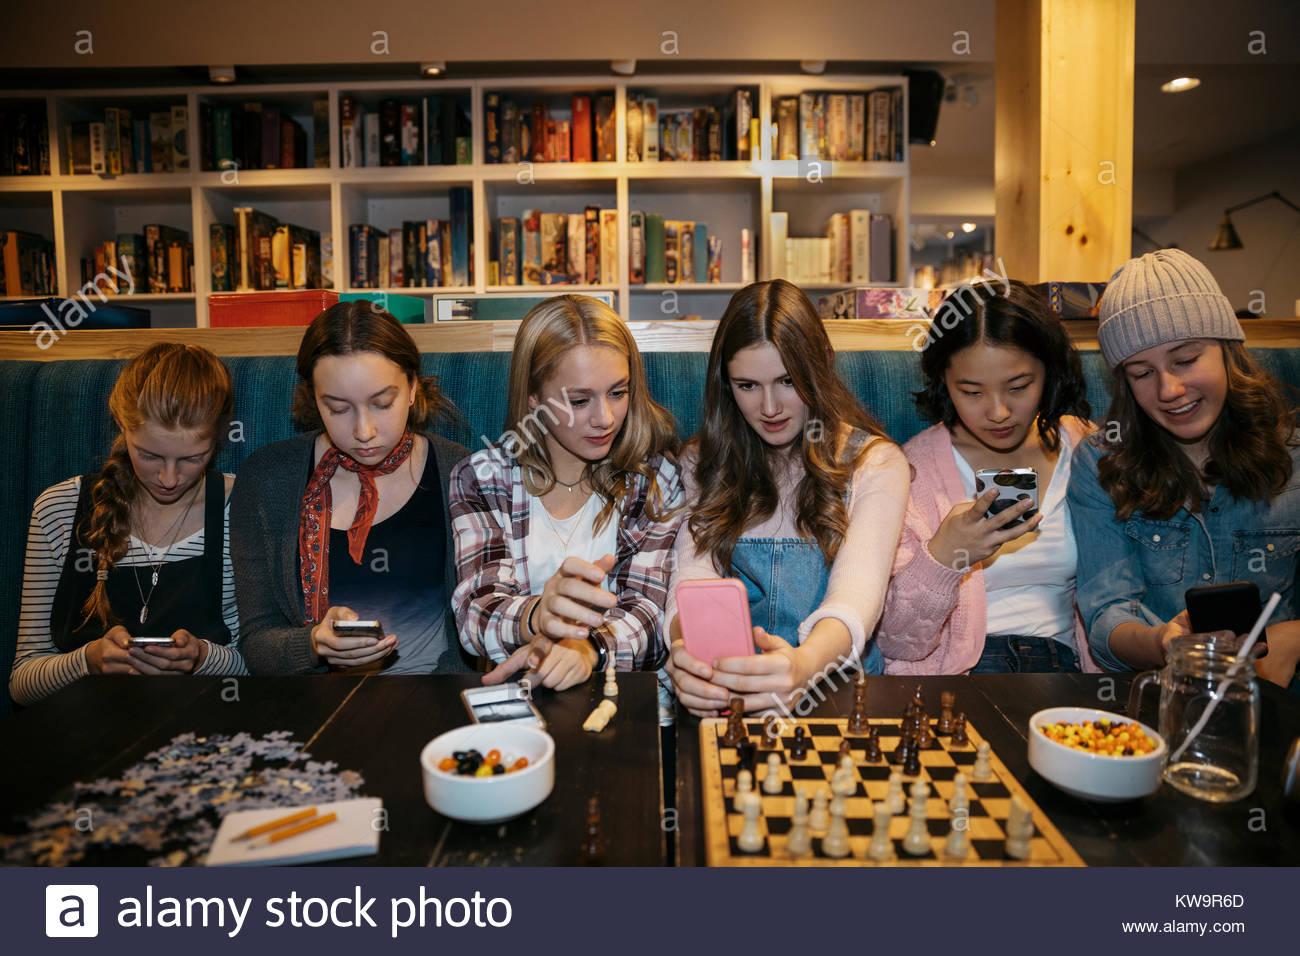 Tween girl amici seduti in una fila,invio messaggi con i telefoni intelligenti e giocare a scacchi al cafe tabella Immagini Stock